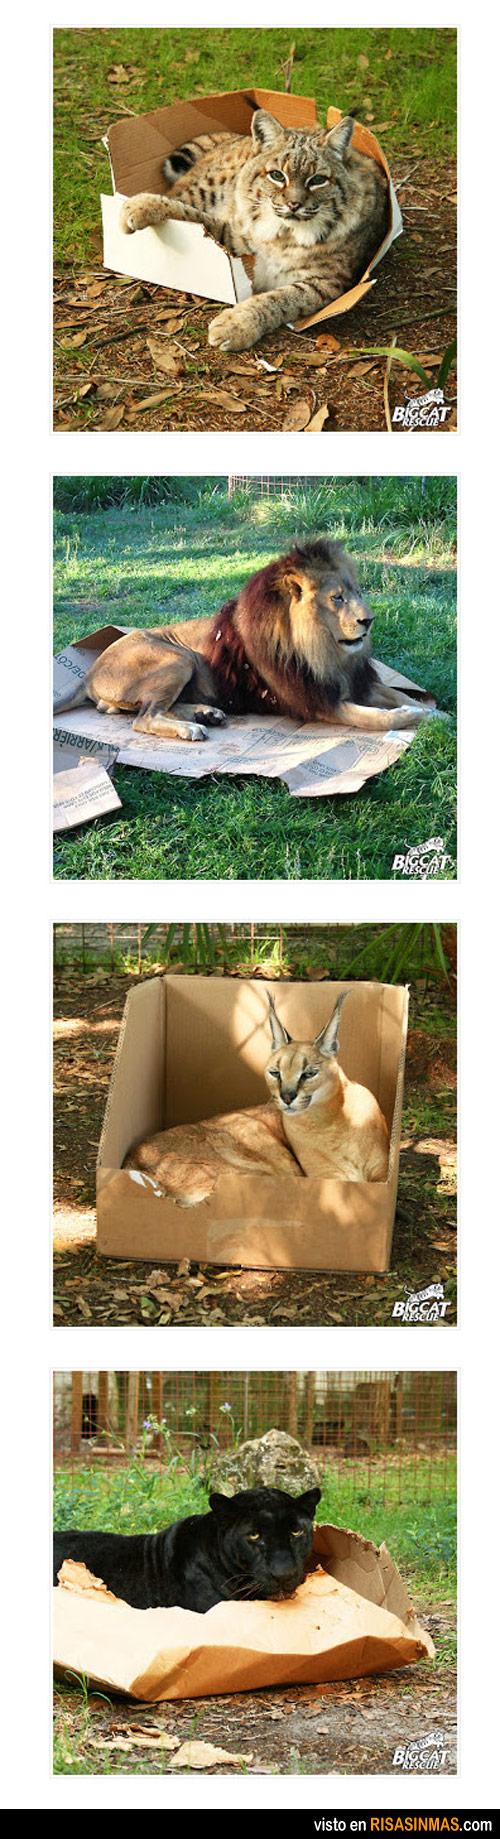 Confirmado, a los felinos les encantan las cajas vacías